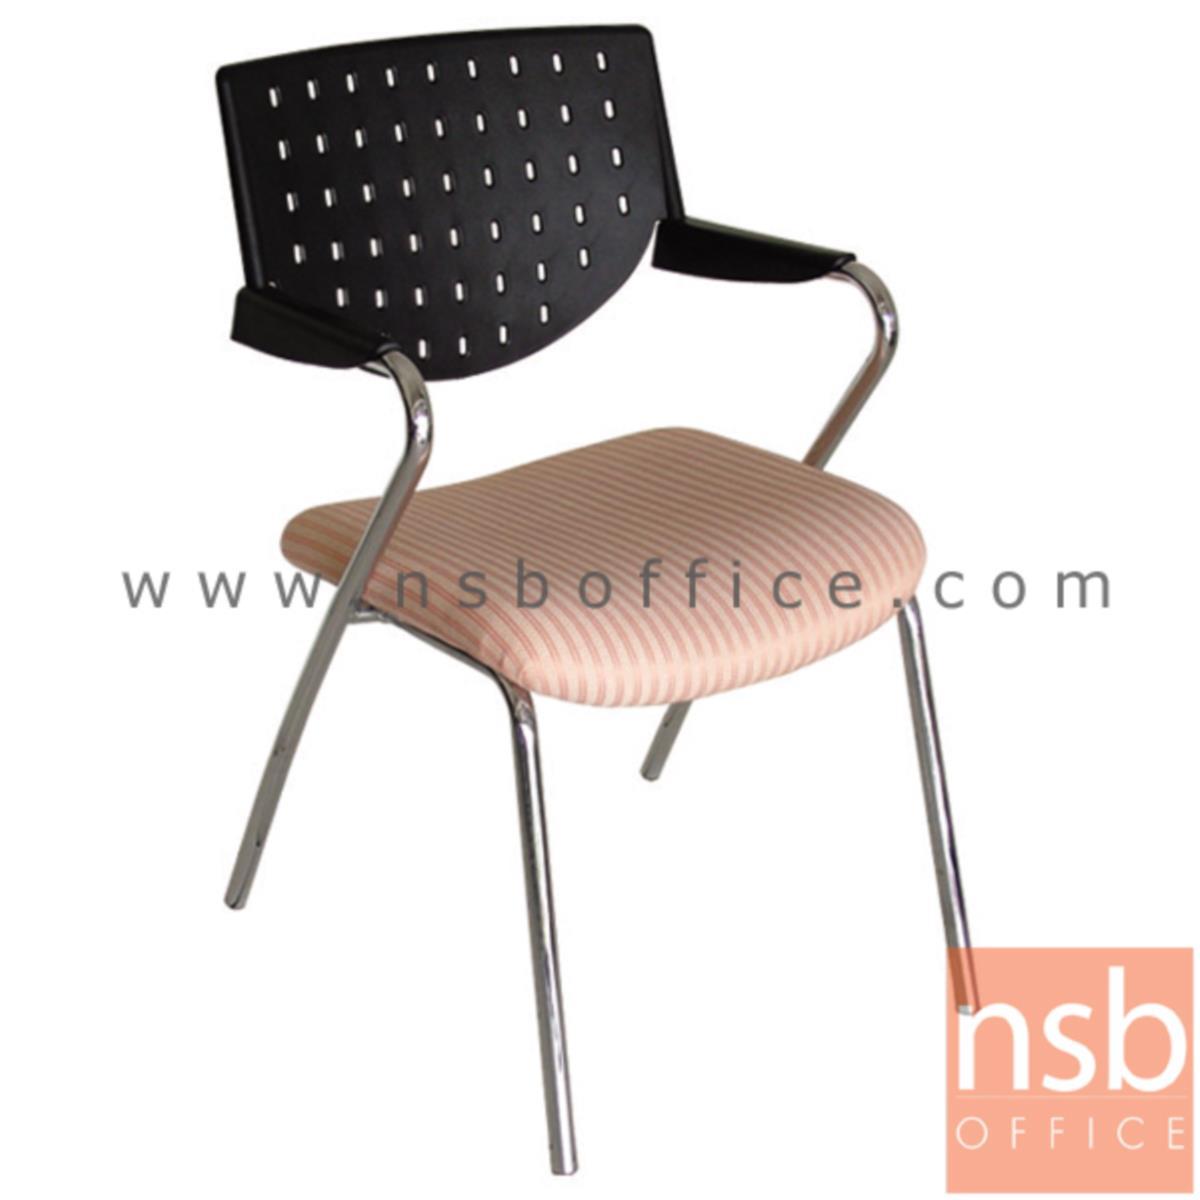 เก้าอี้รับแขก รุ่น Josephine (โจเซฟิน)  ขาเหล็กชุบโครเมี่ยม